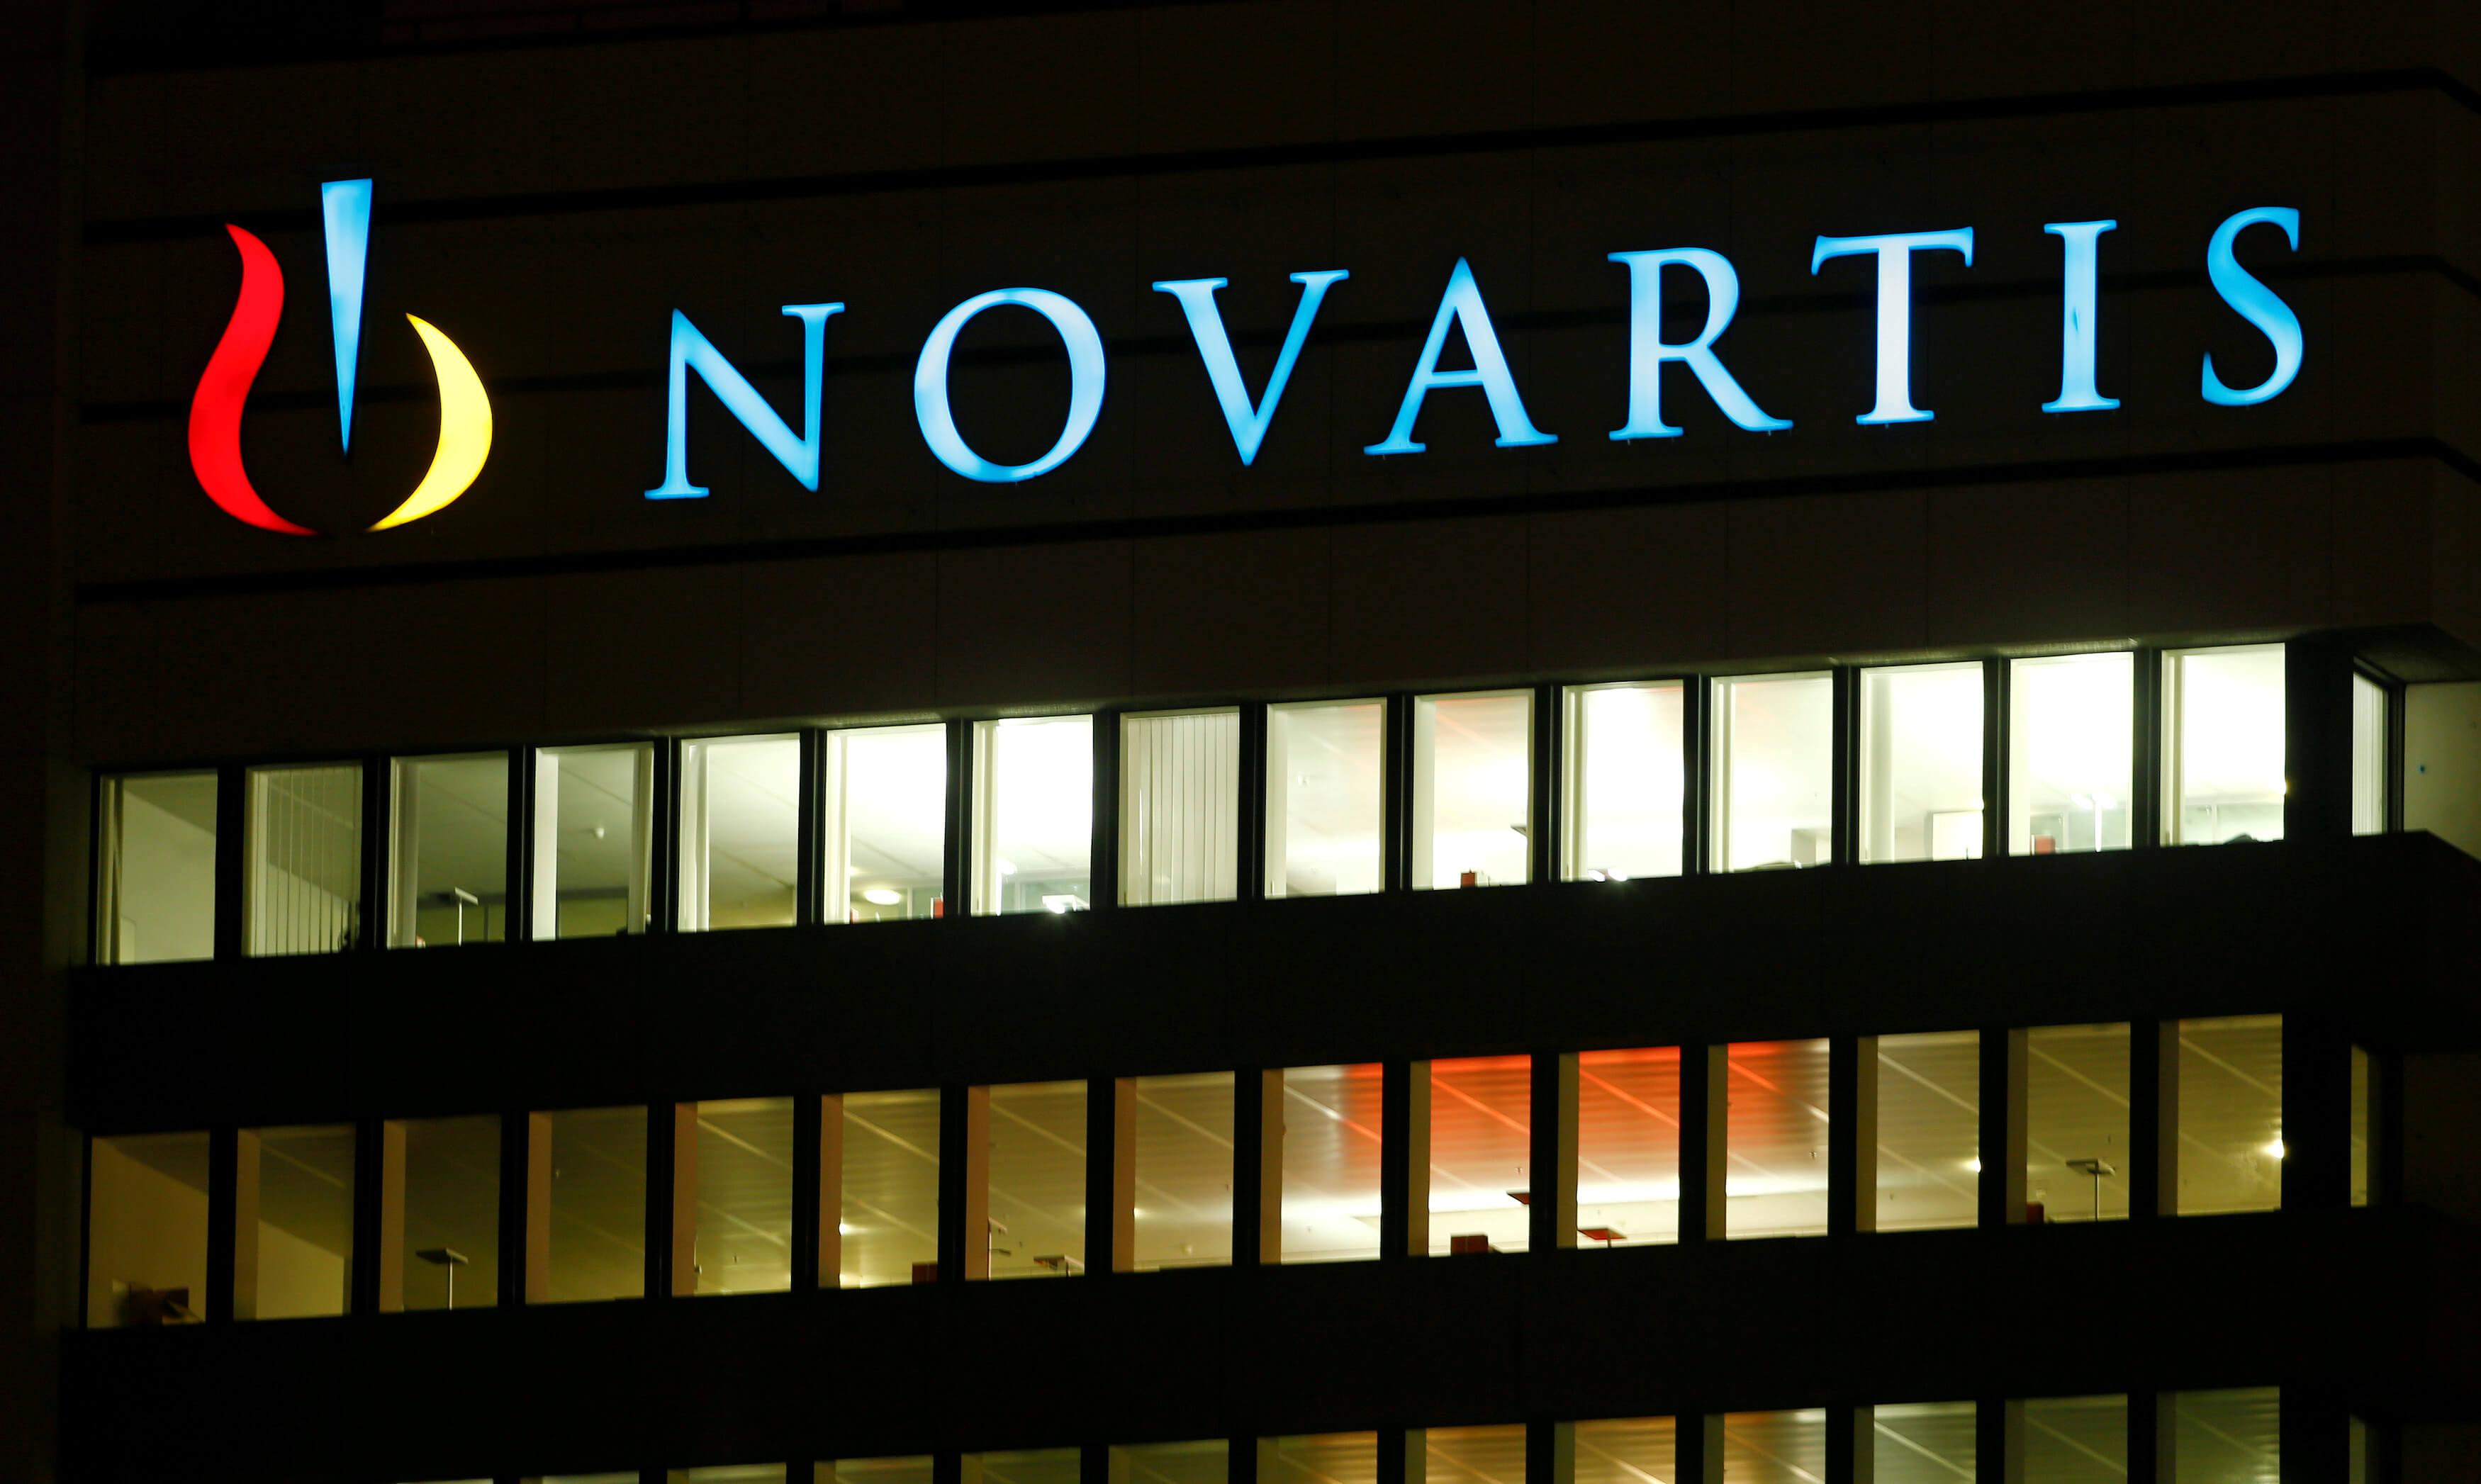 Υπόθεση Novartis: Δύο νέοι αντεισαγγελείς του Αρείου Πάγου για τις καταγγελίες